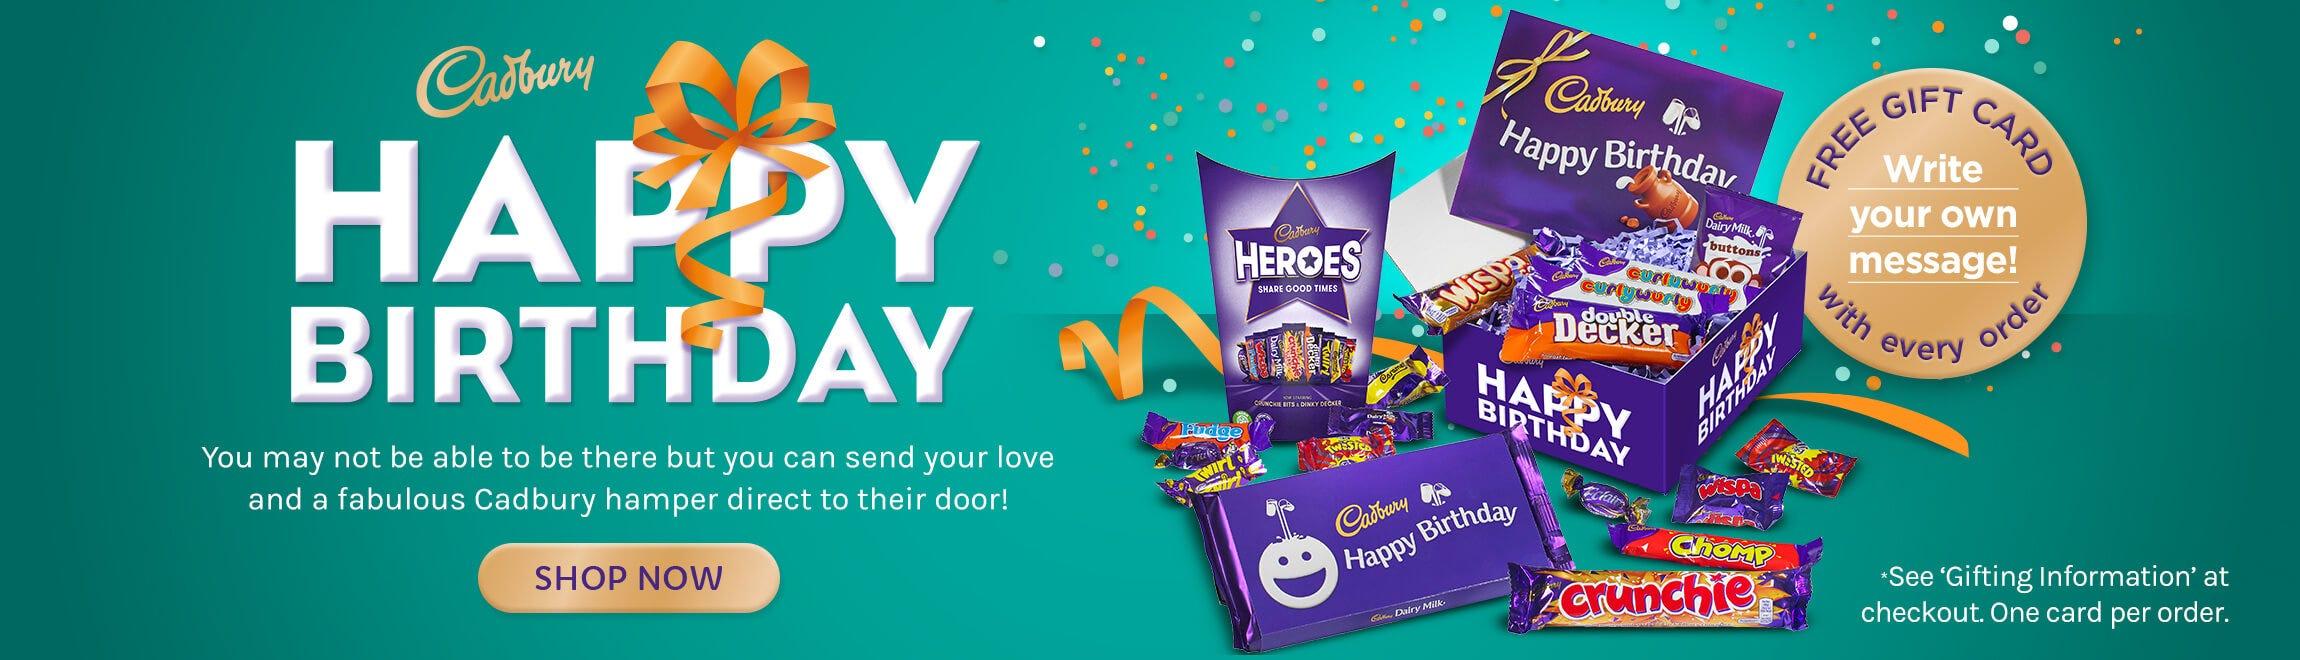 Cabury Chocolate Birthdays Gifts